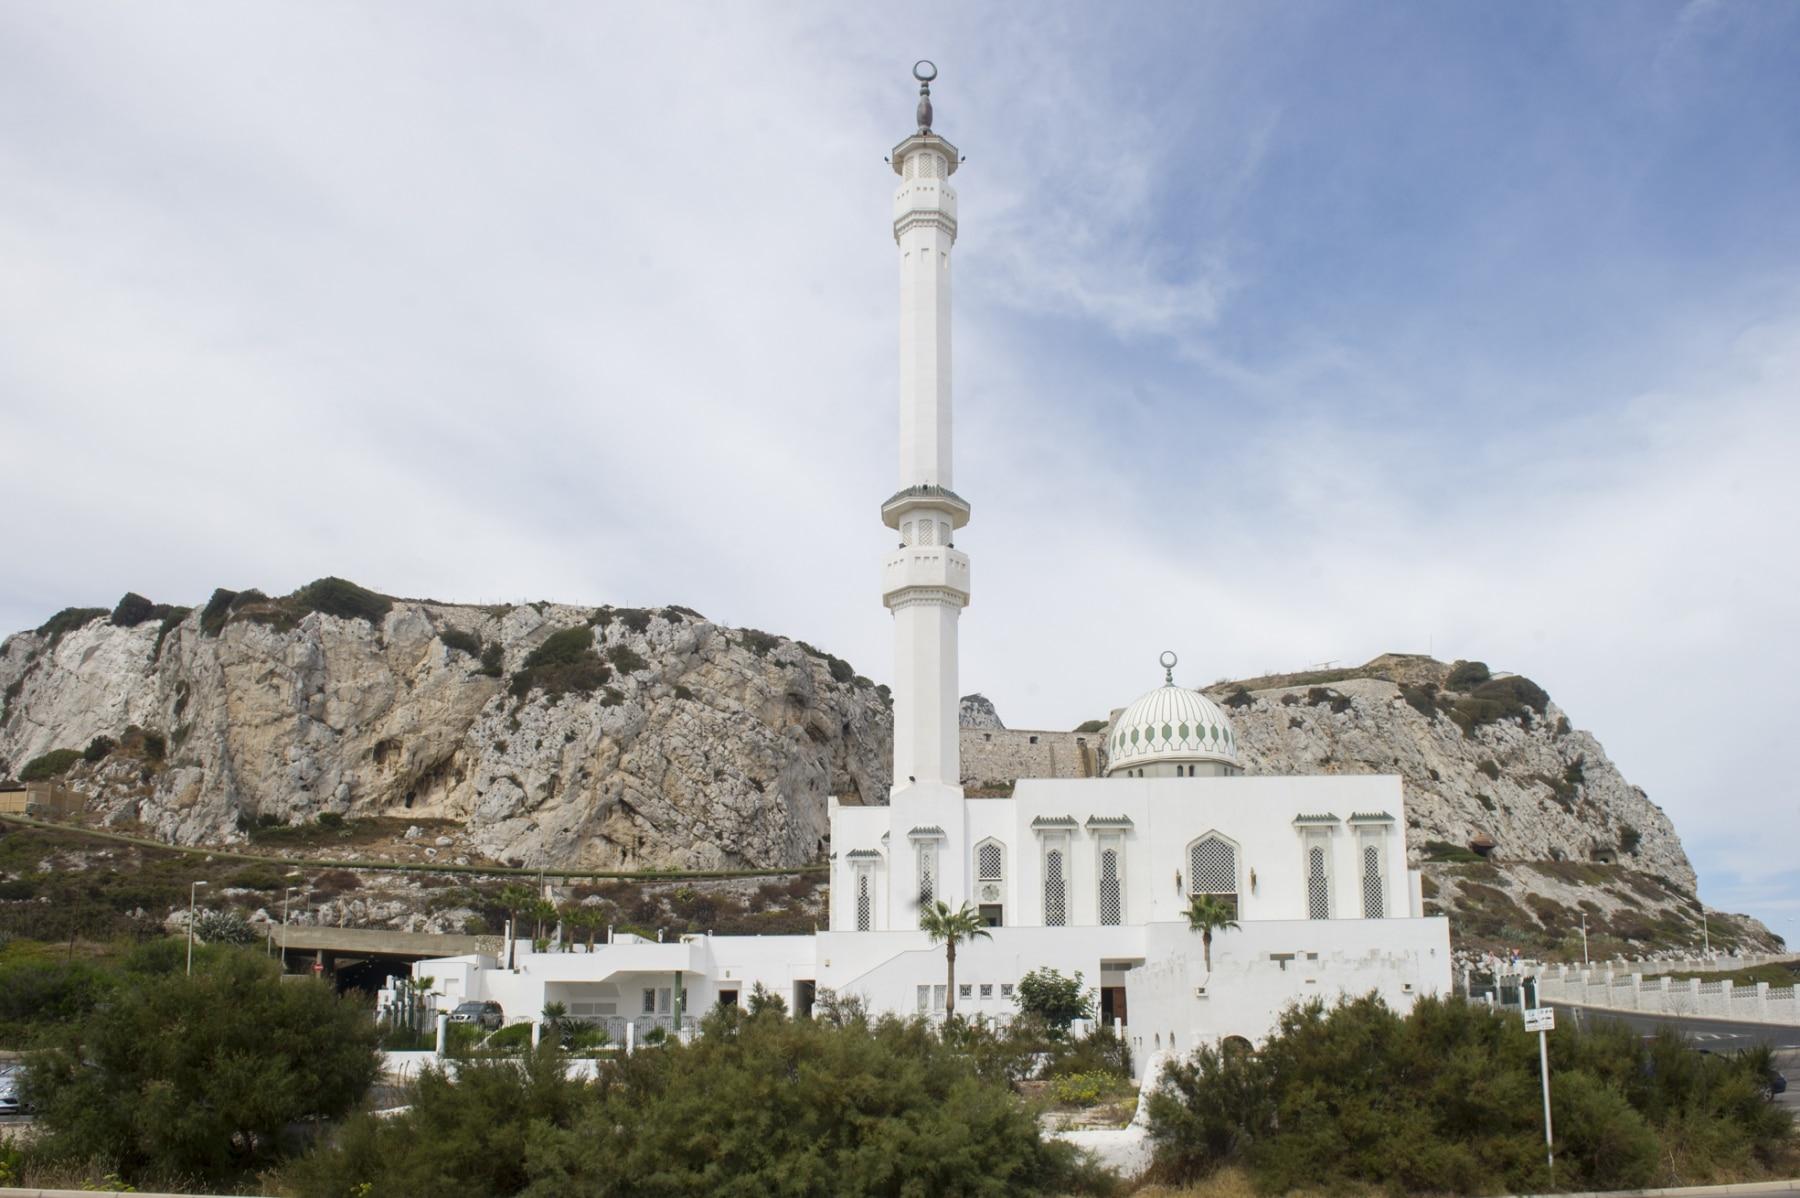 turismo-en-gibraltar-092015-636_22743339375_o